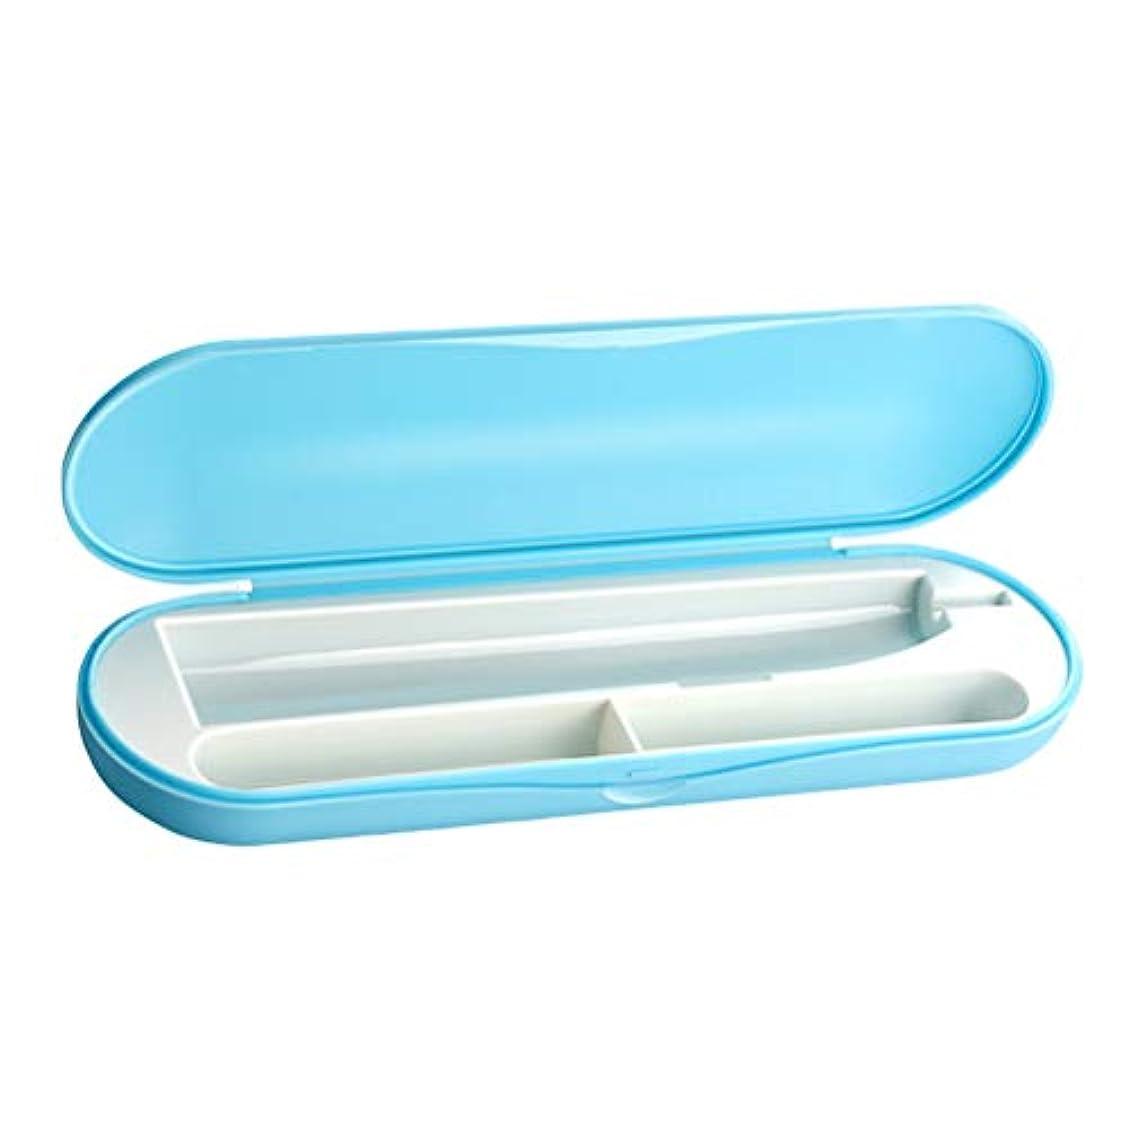 ヒューマニスティック一次とHealifty ポータブル電動歯ブラシケース歯磨き粉旅行キャンプ収納ホルダーボックス(ブルー)